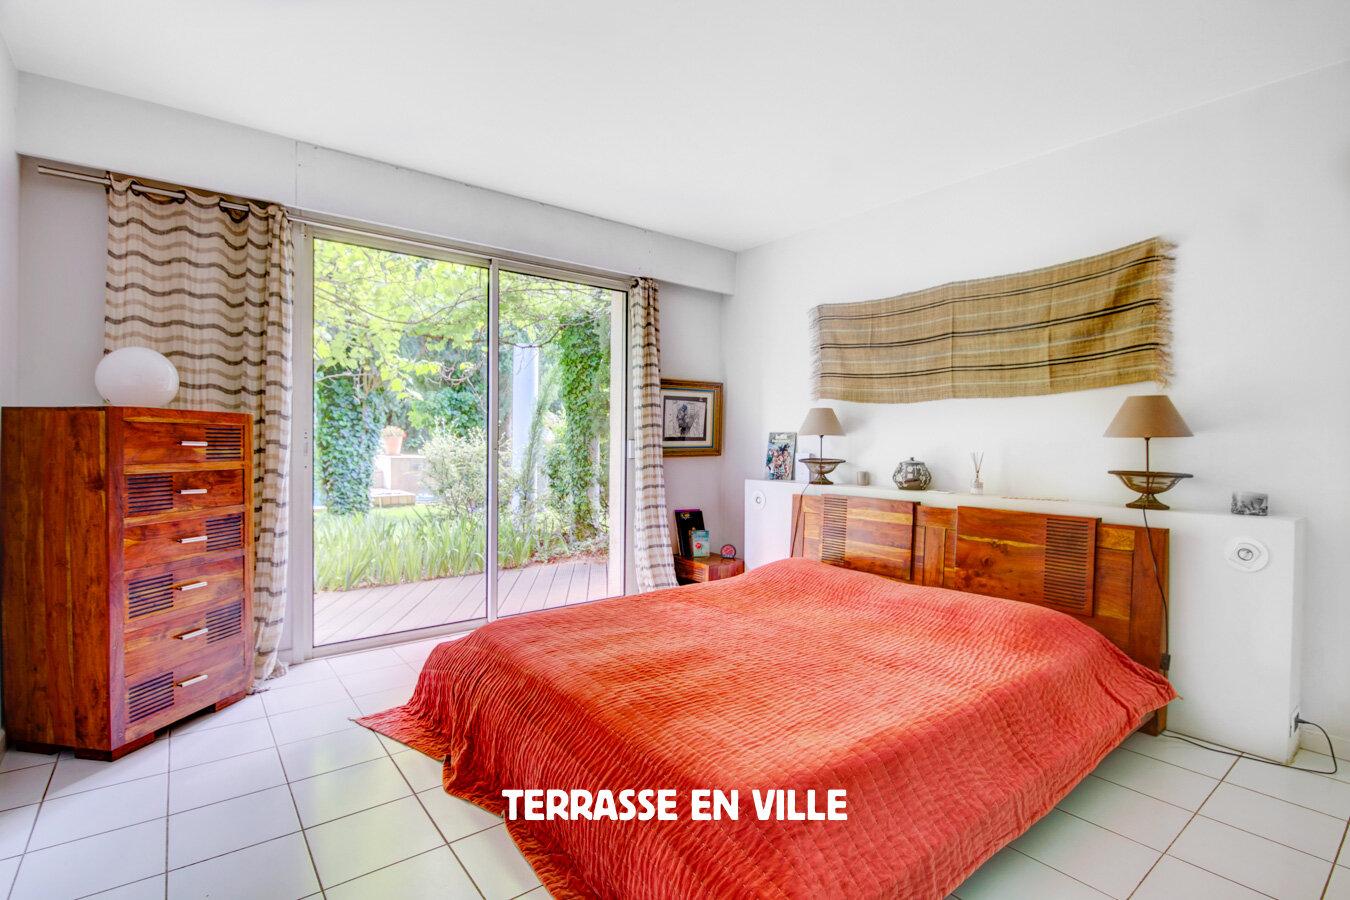 TERRASSE EN VILLE-4 2.jpg